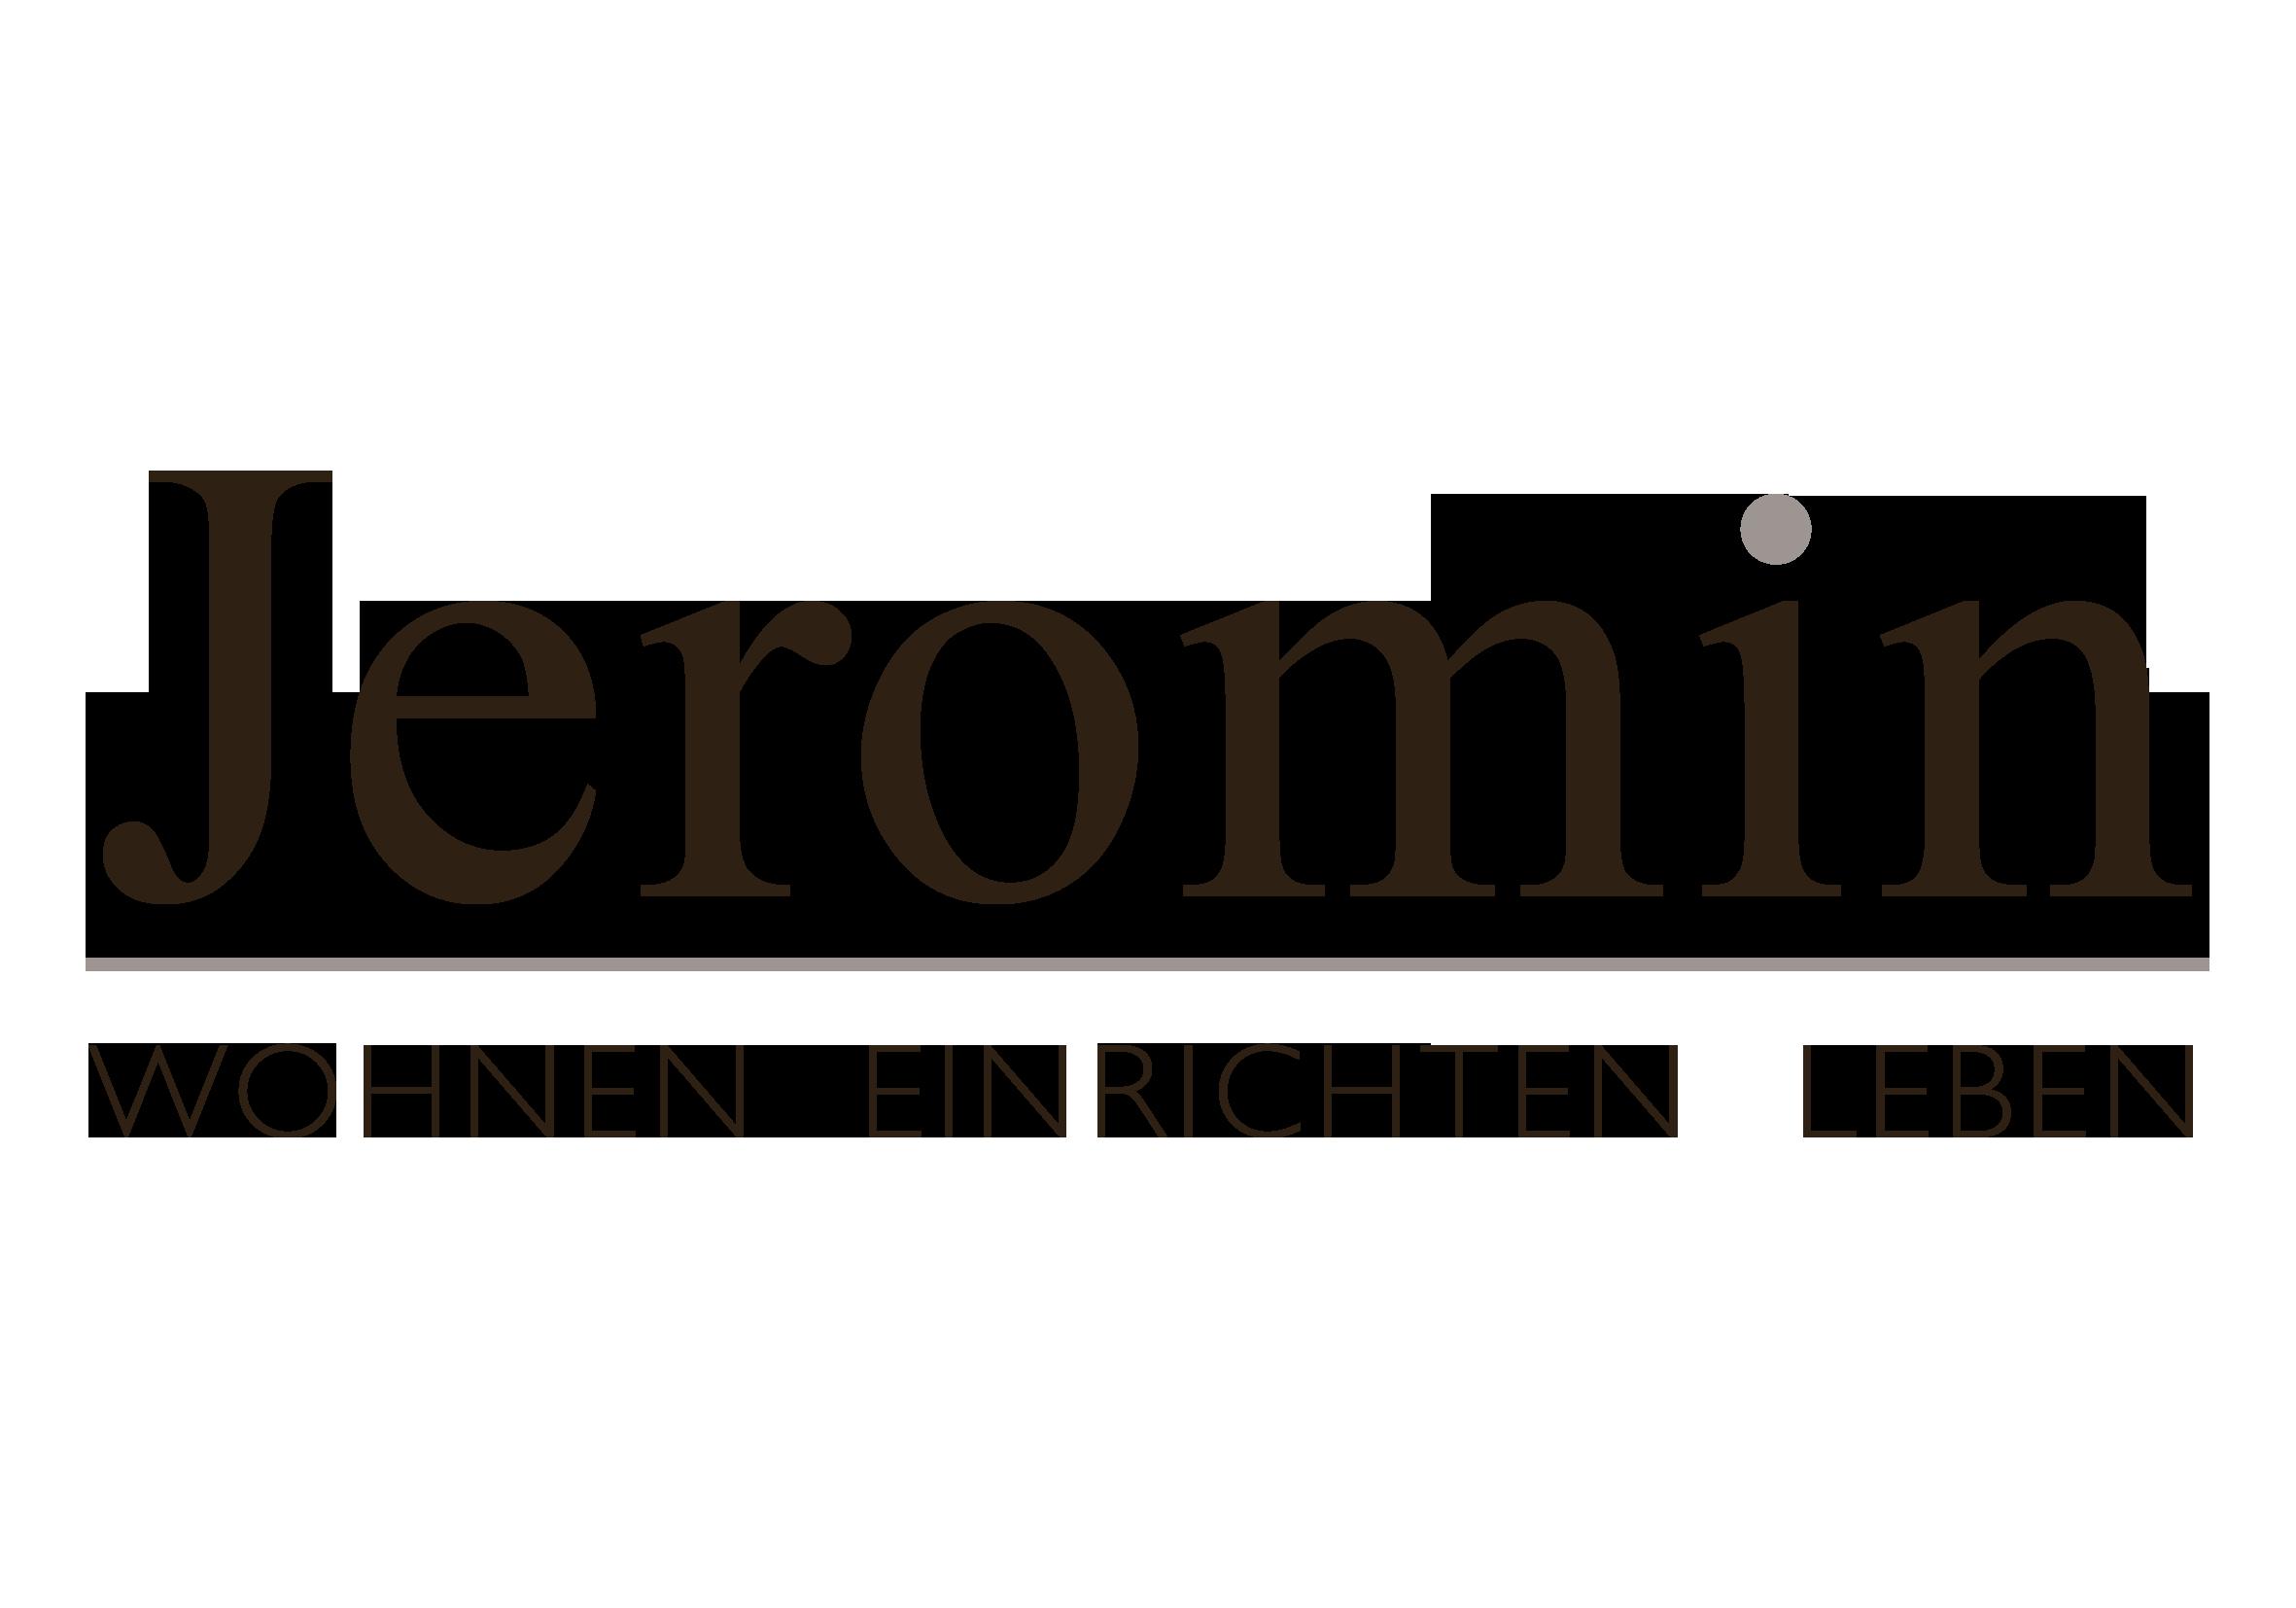 Jeromin Einrichtungen GmbH Homburg